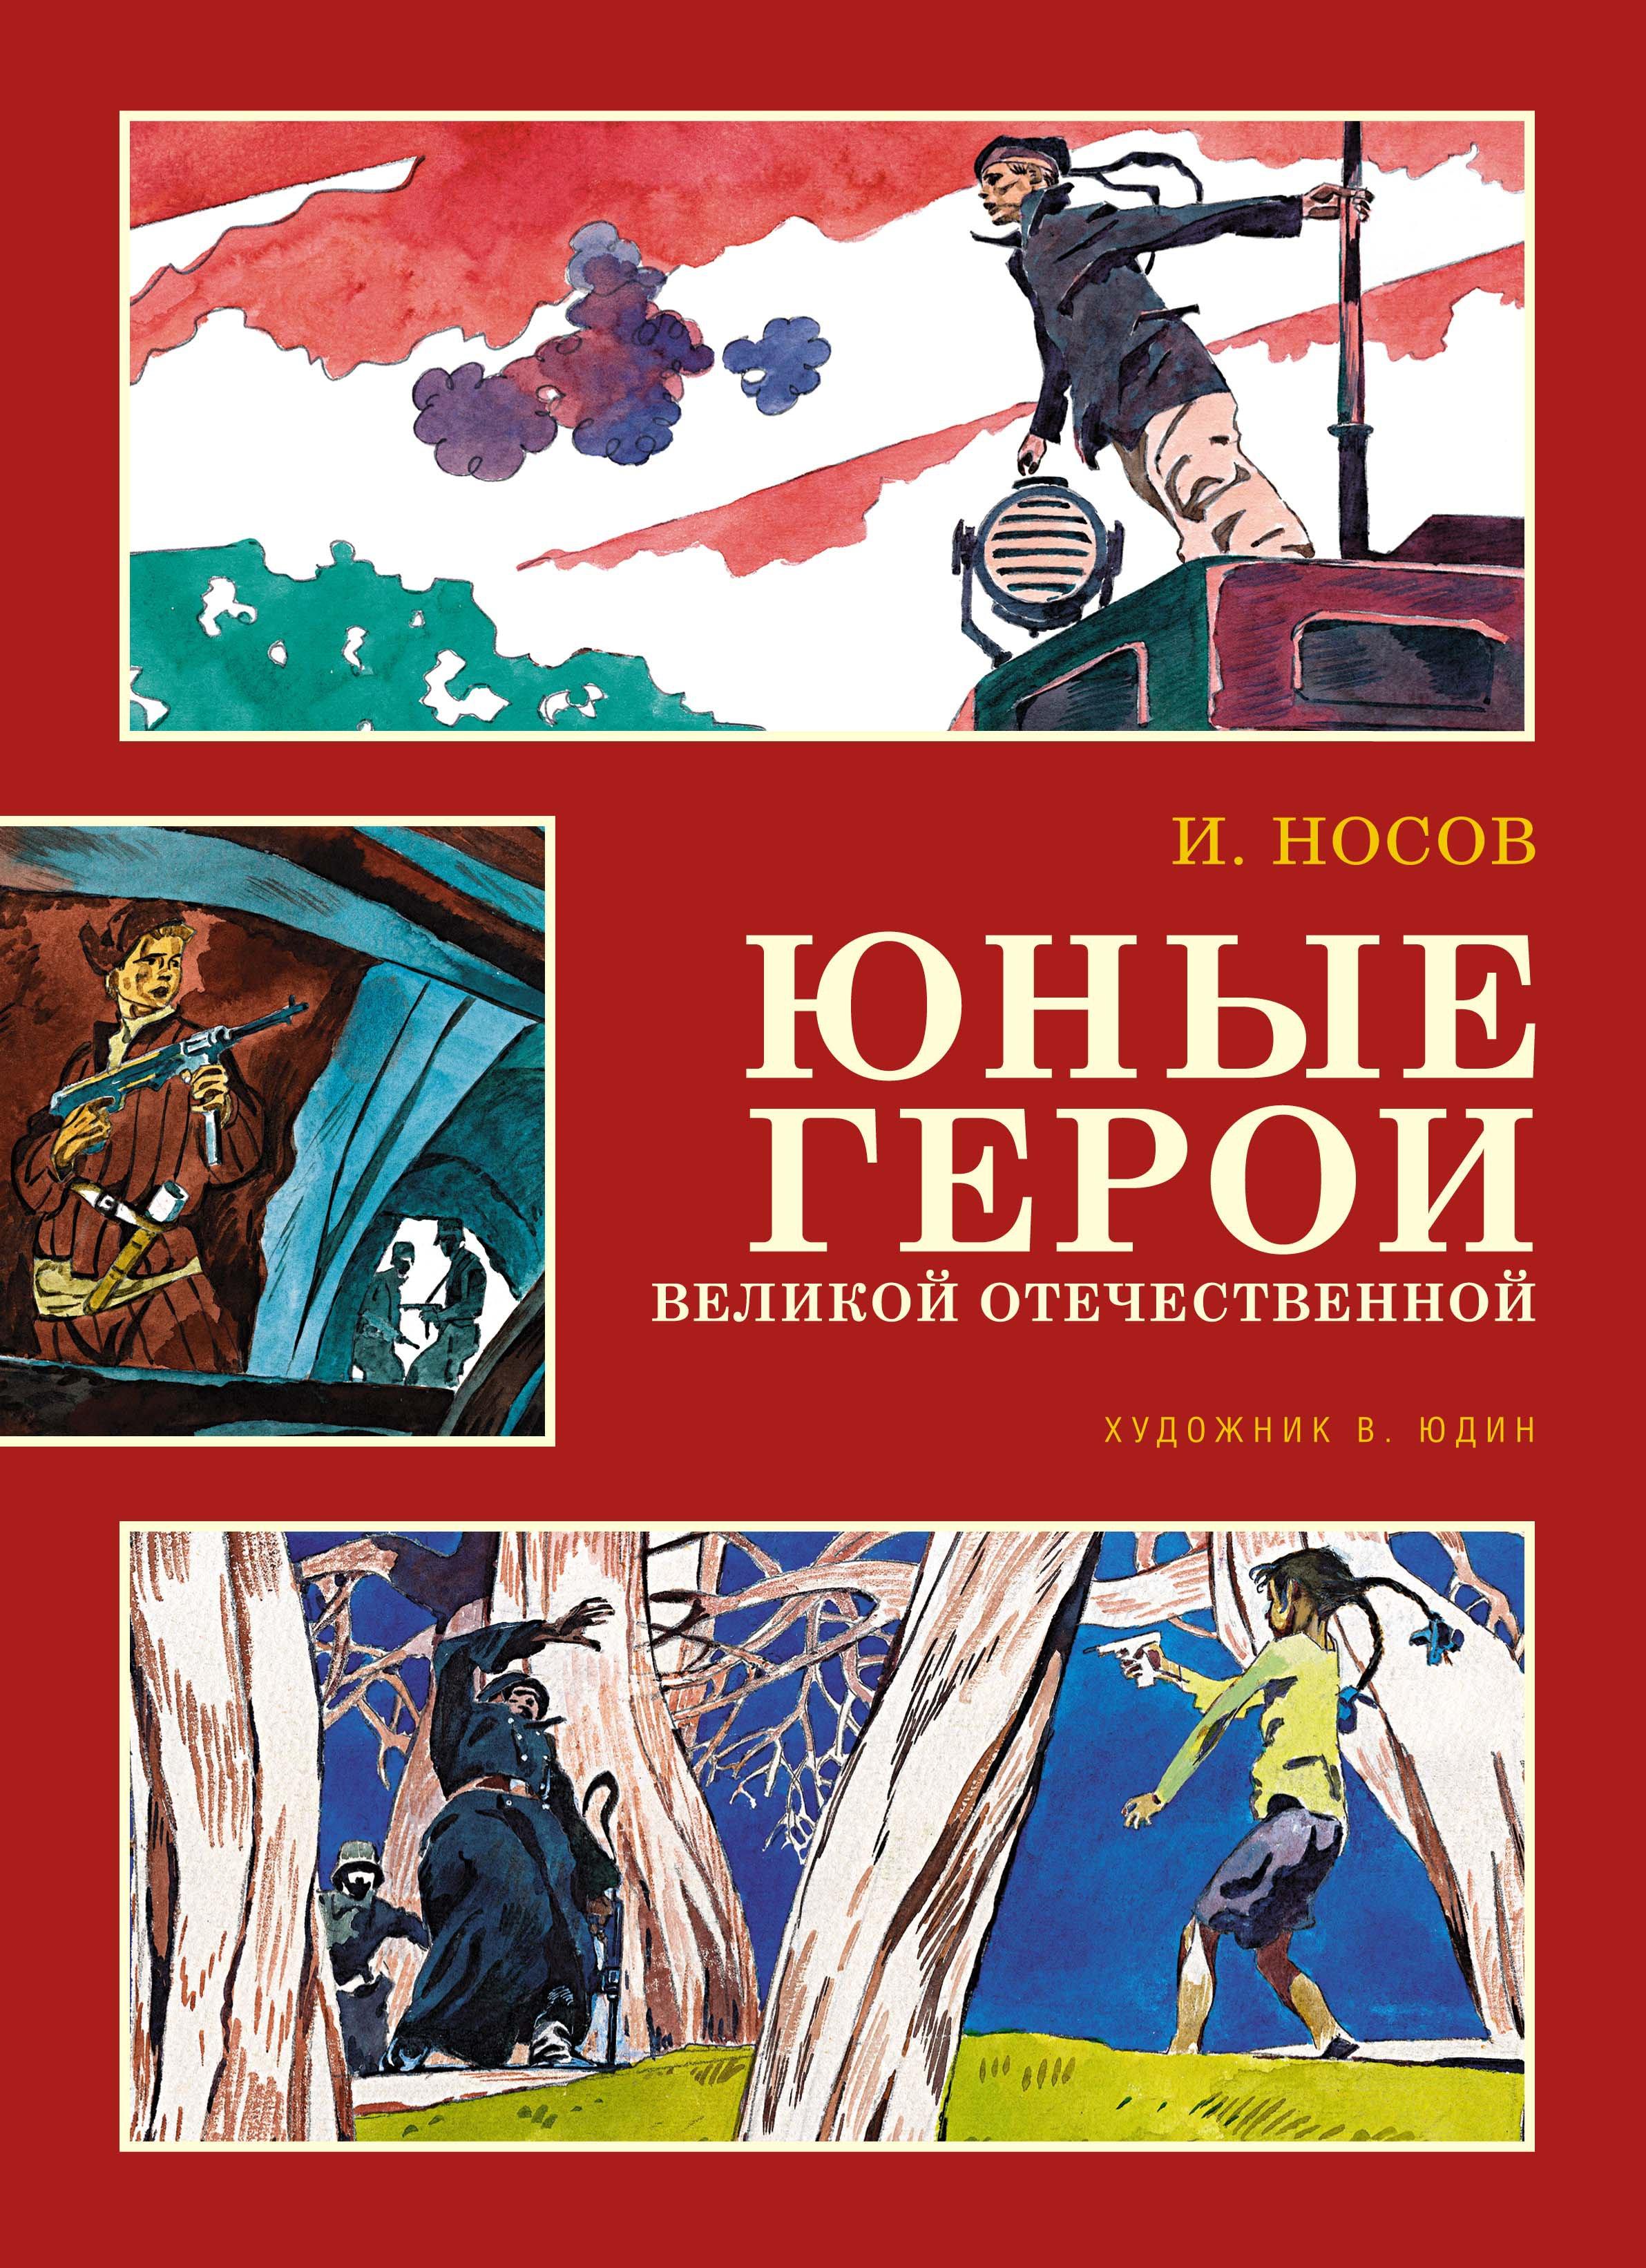 Юные герои Великой Отечественной (иллюстр. В. Юдина)